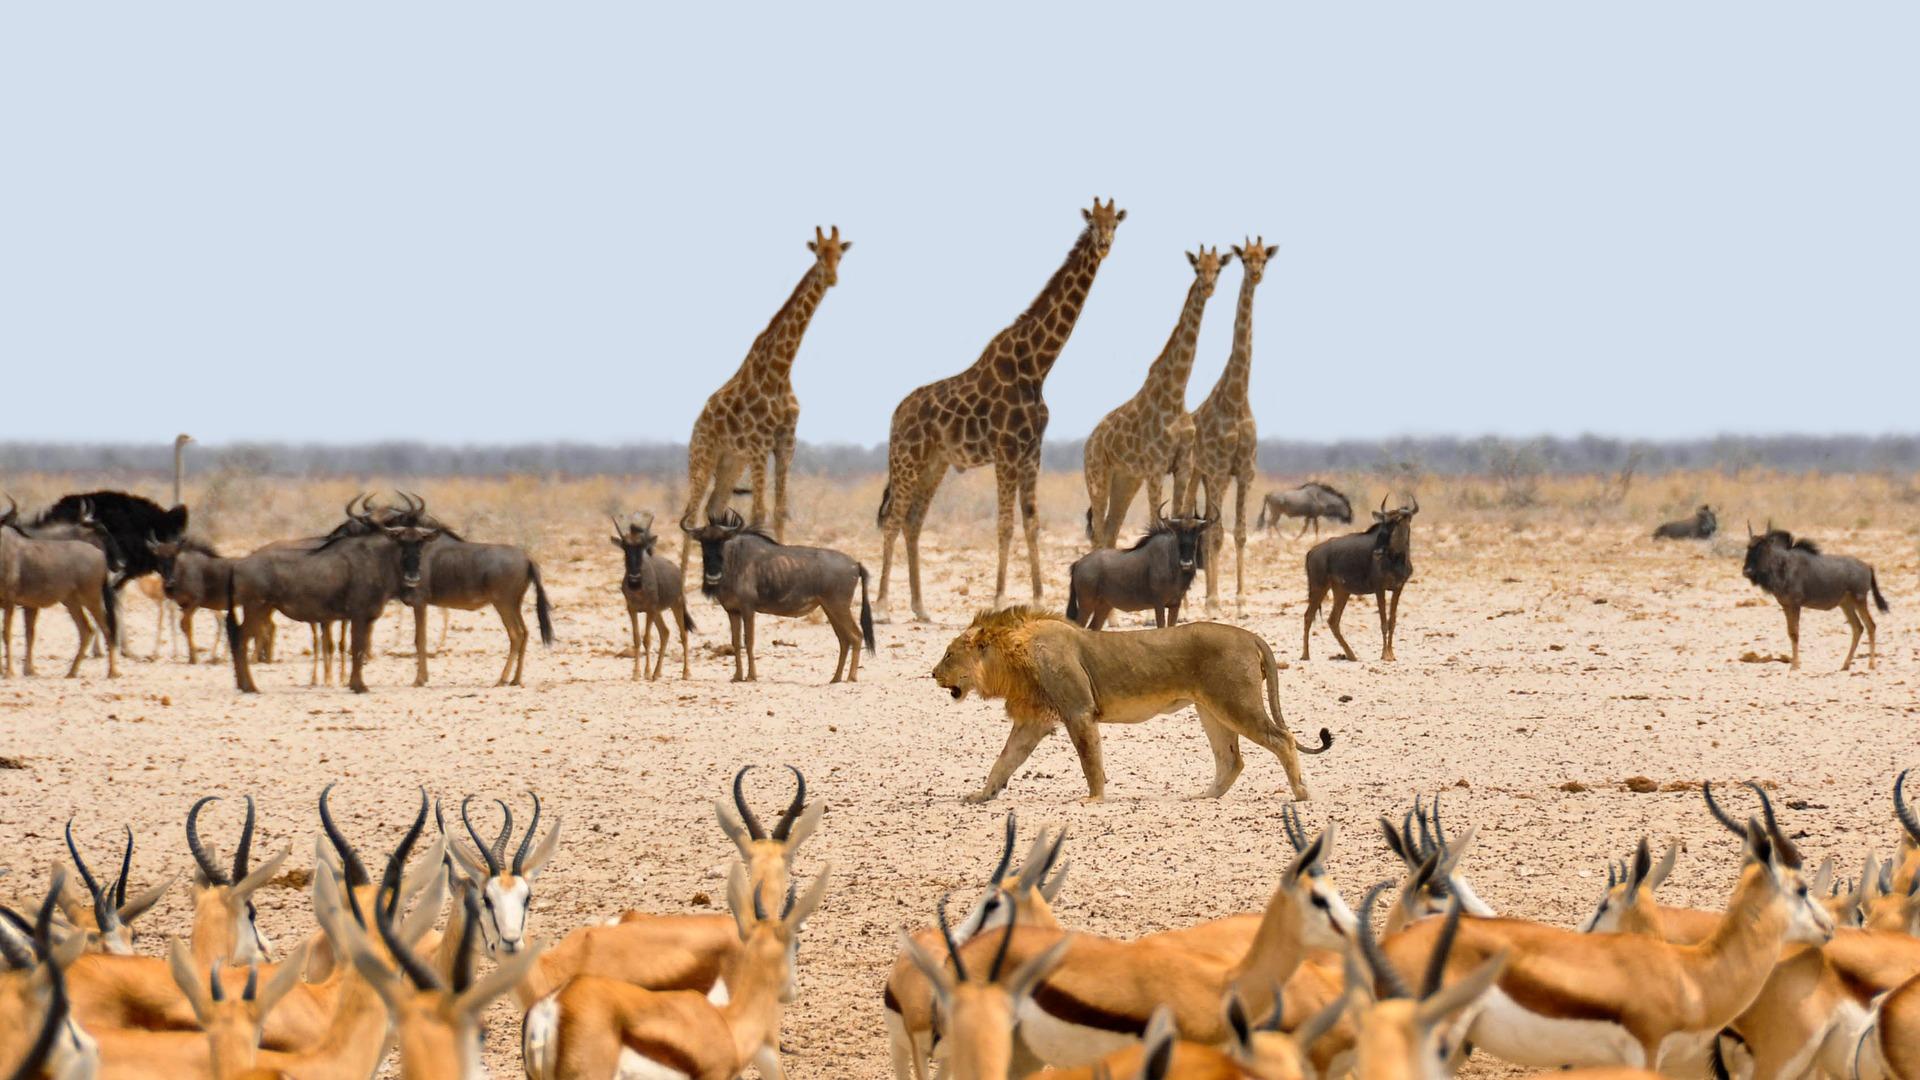 4. Namibia